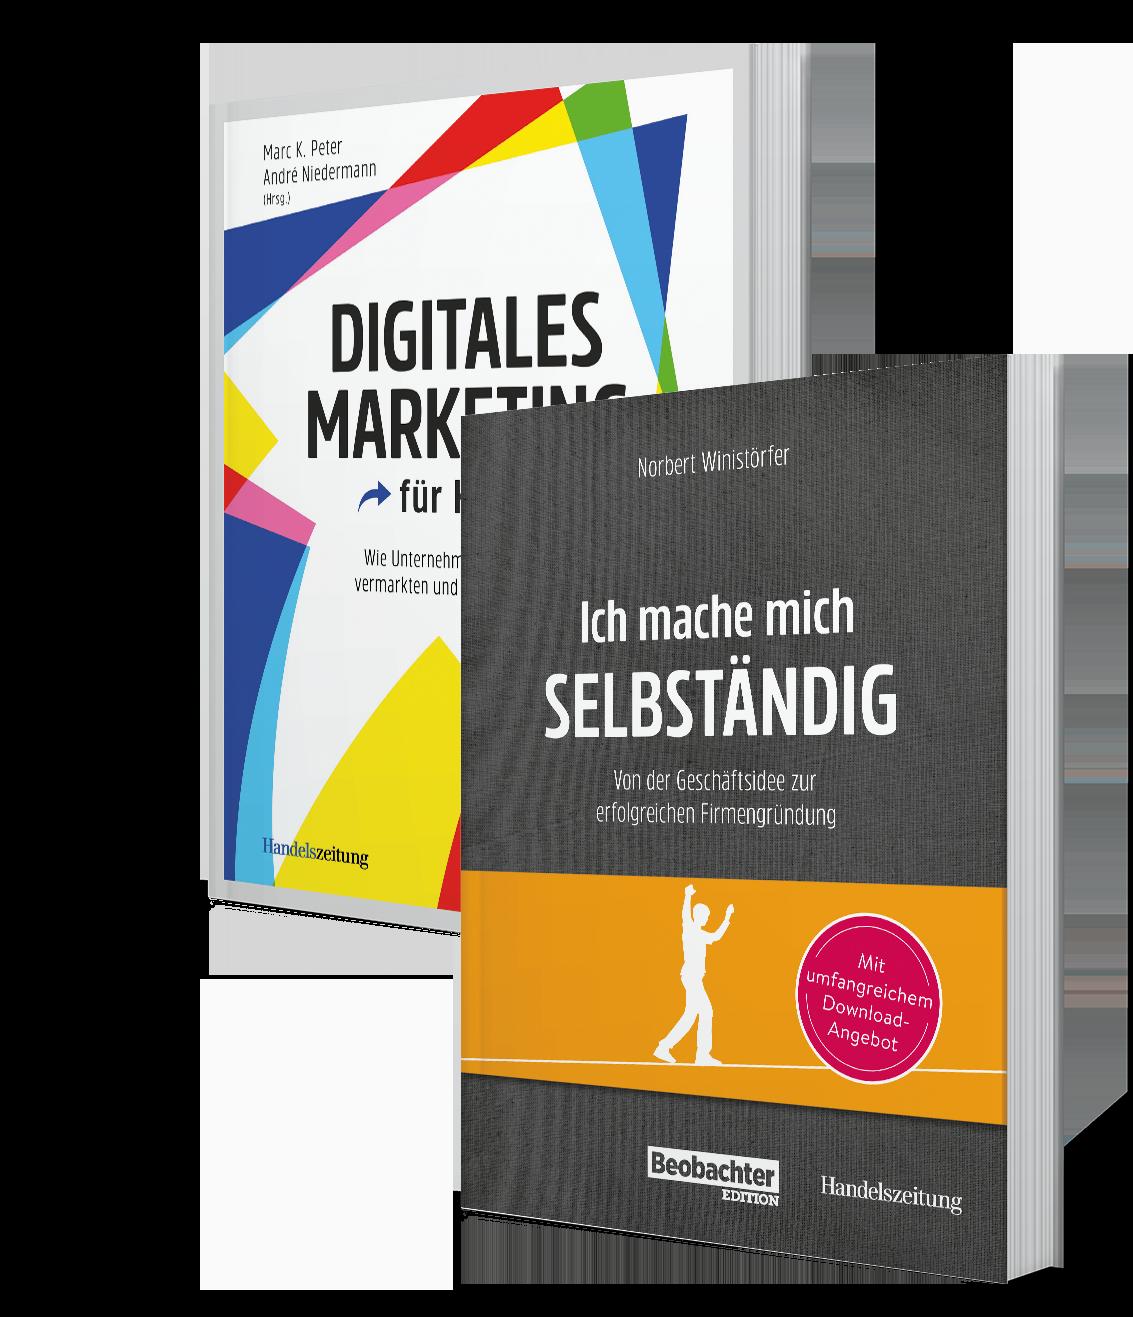 «Digitales Marketing für KMU» und «Ich mache mich selbständig»